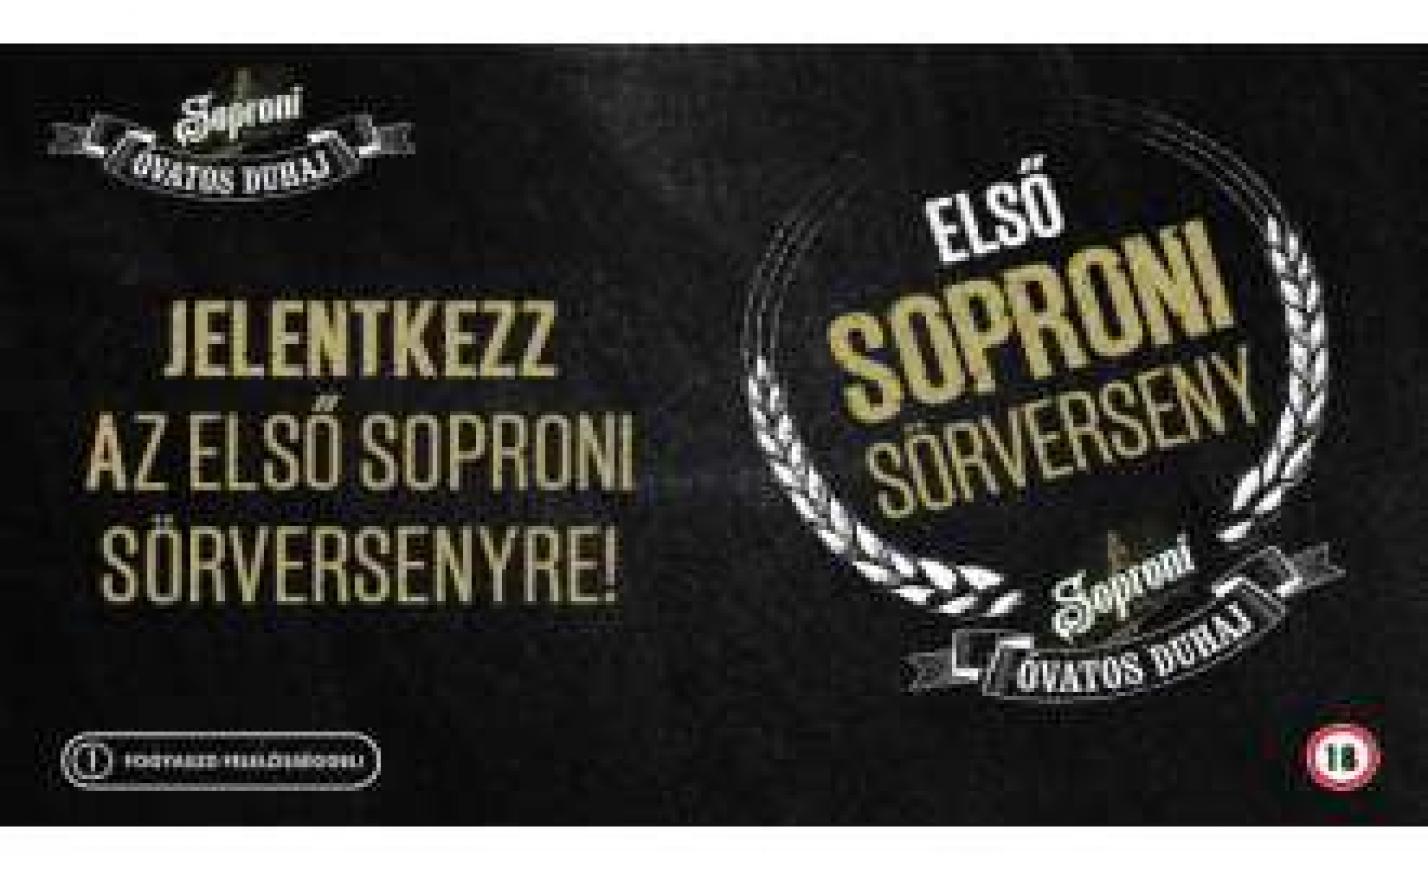 soproni_sorverseny1.jpg